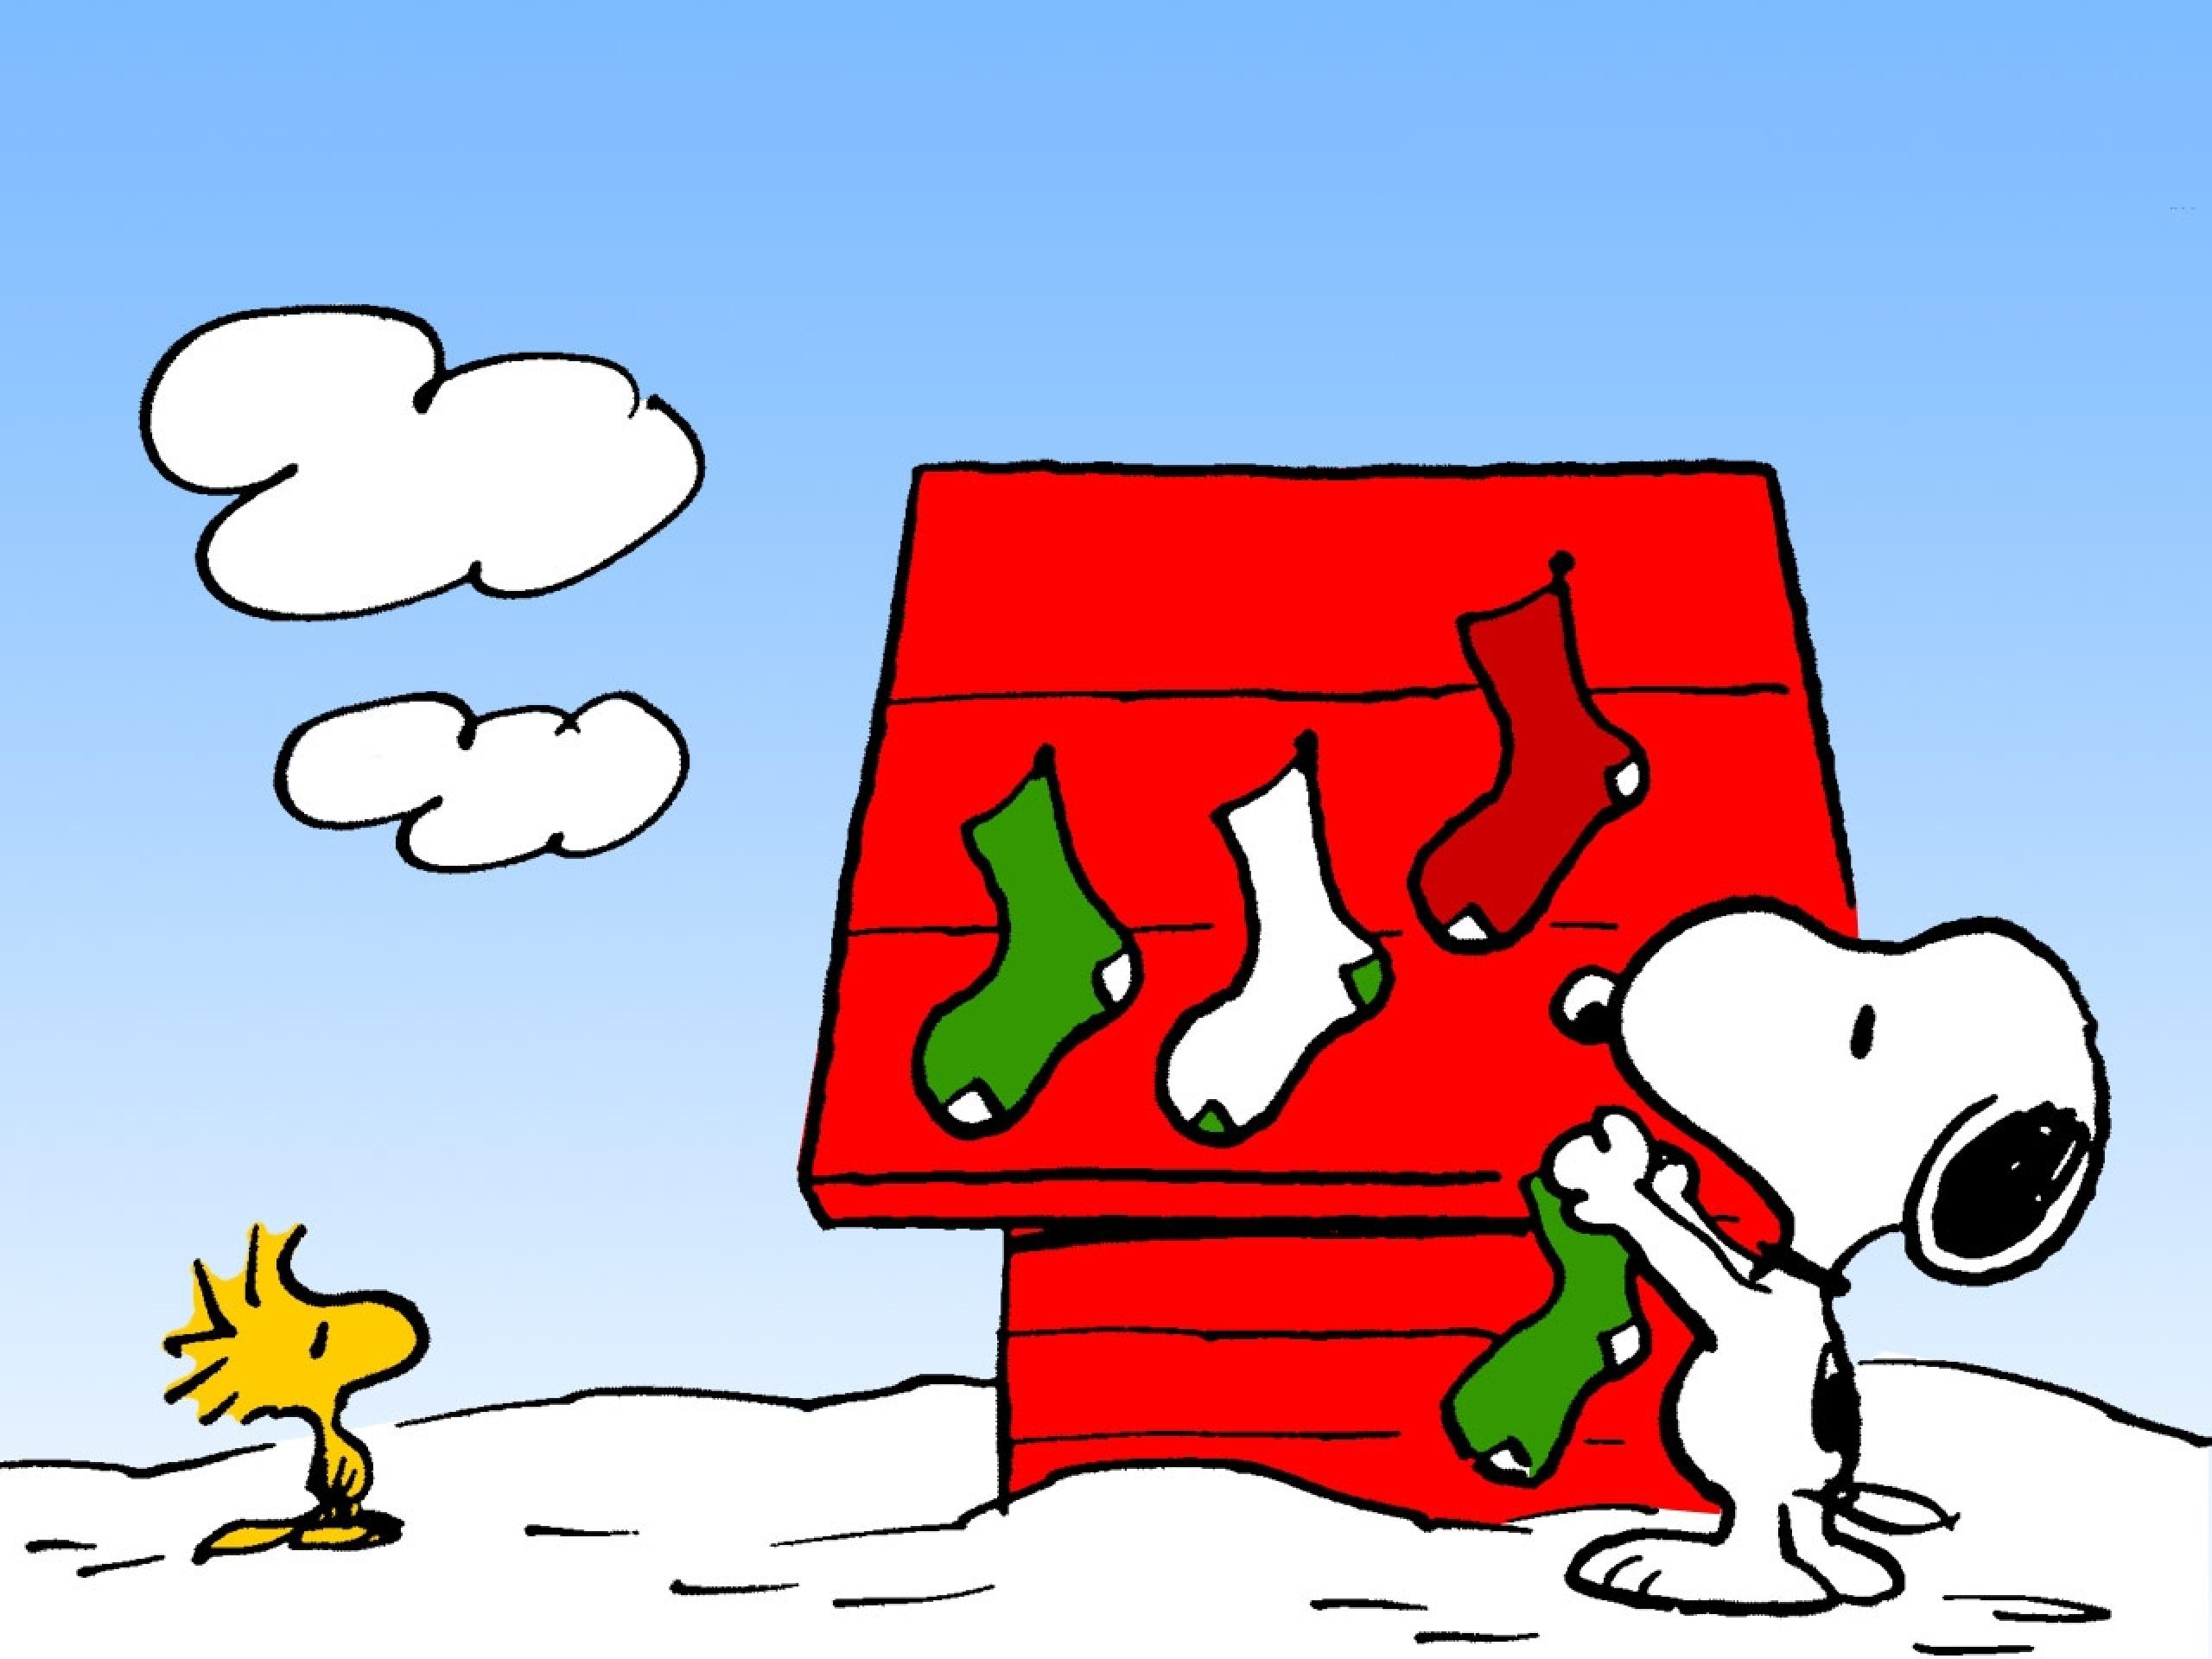 Snoopy comics en espaol - Home Facebook